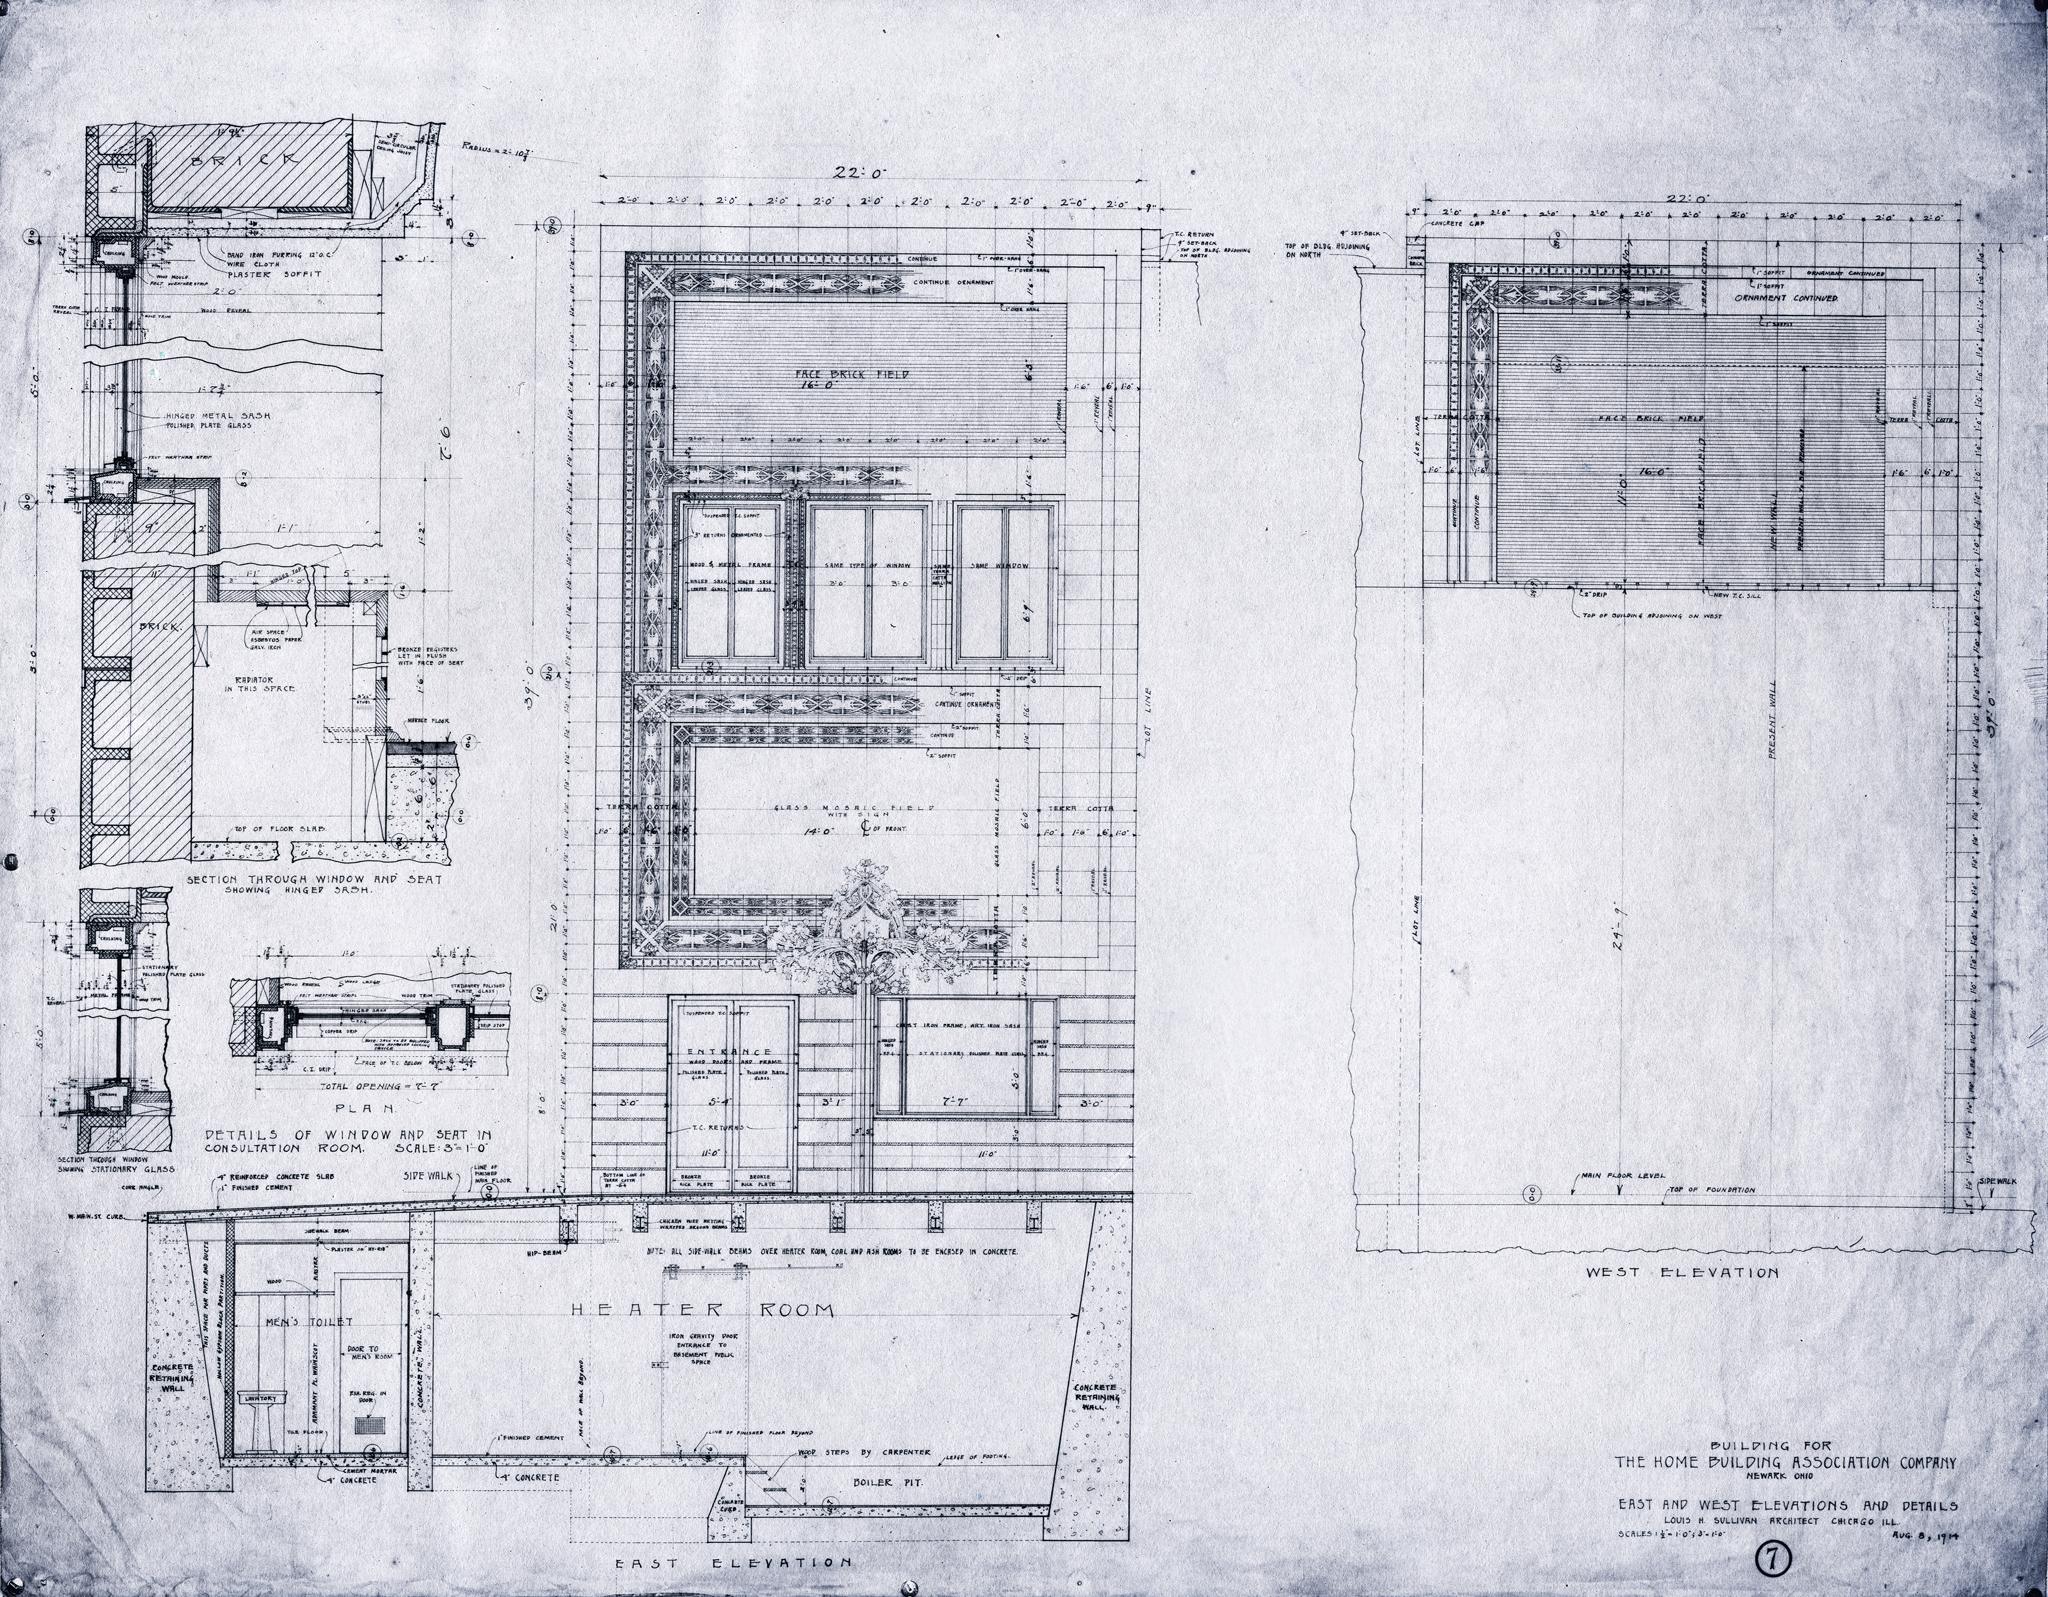 193101_007.jpg